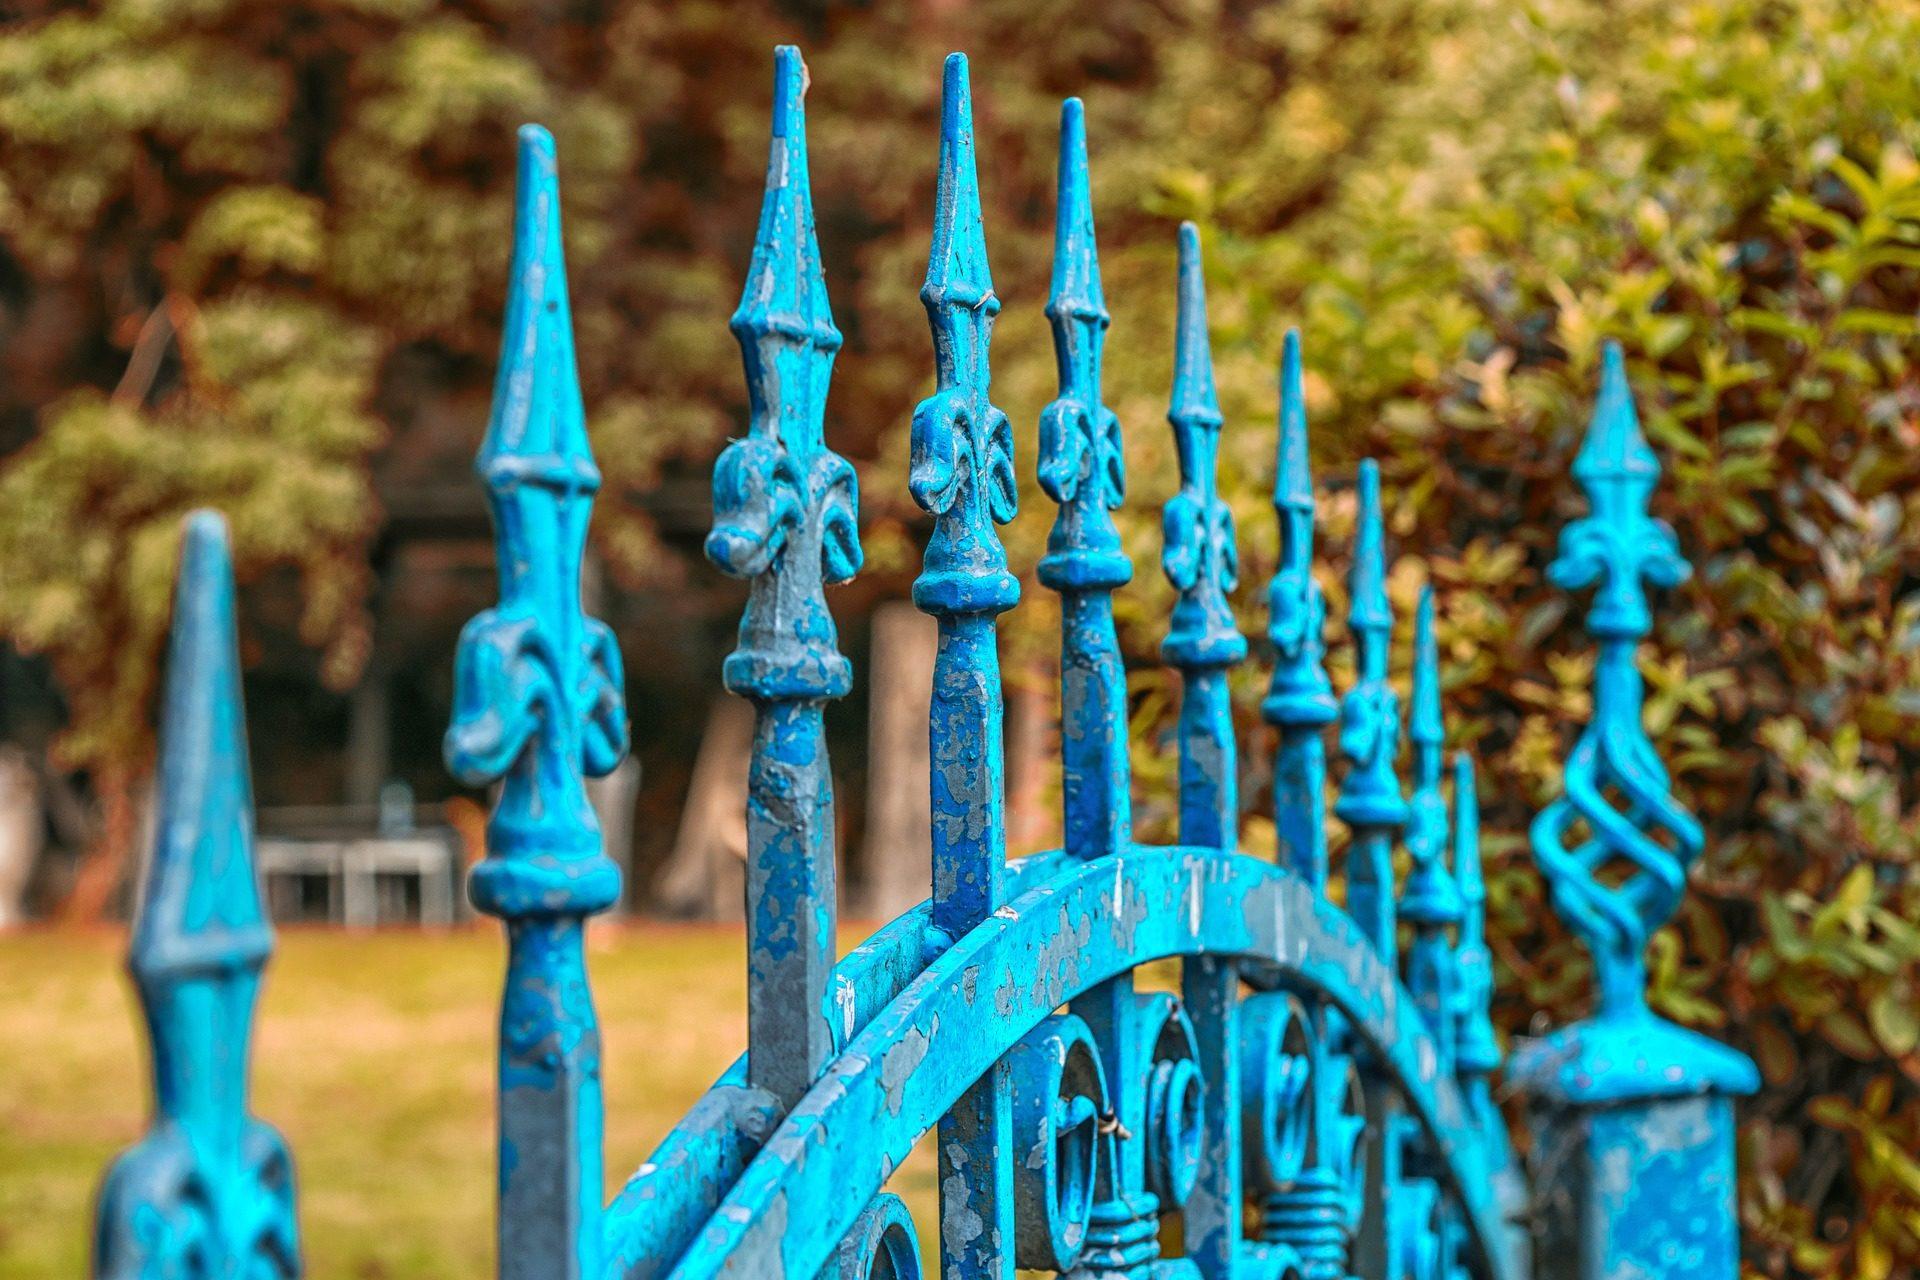 cerca, porta, Jardim, decoração, vintage - Papéis de parede HD - Professor-falken.com